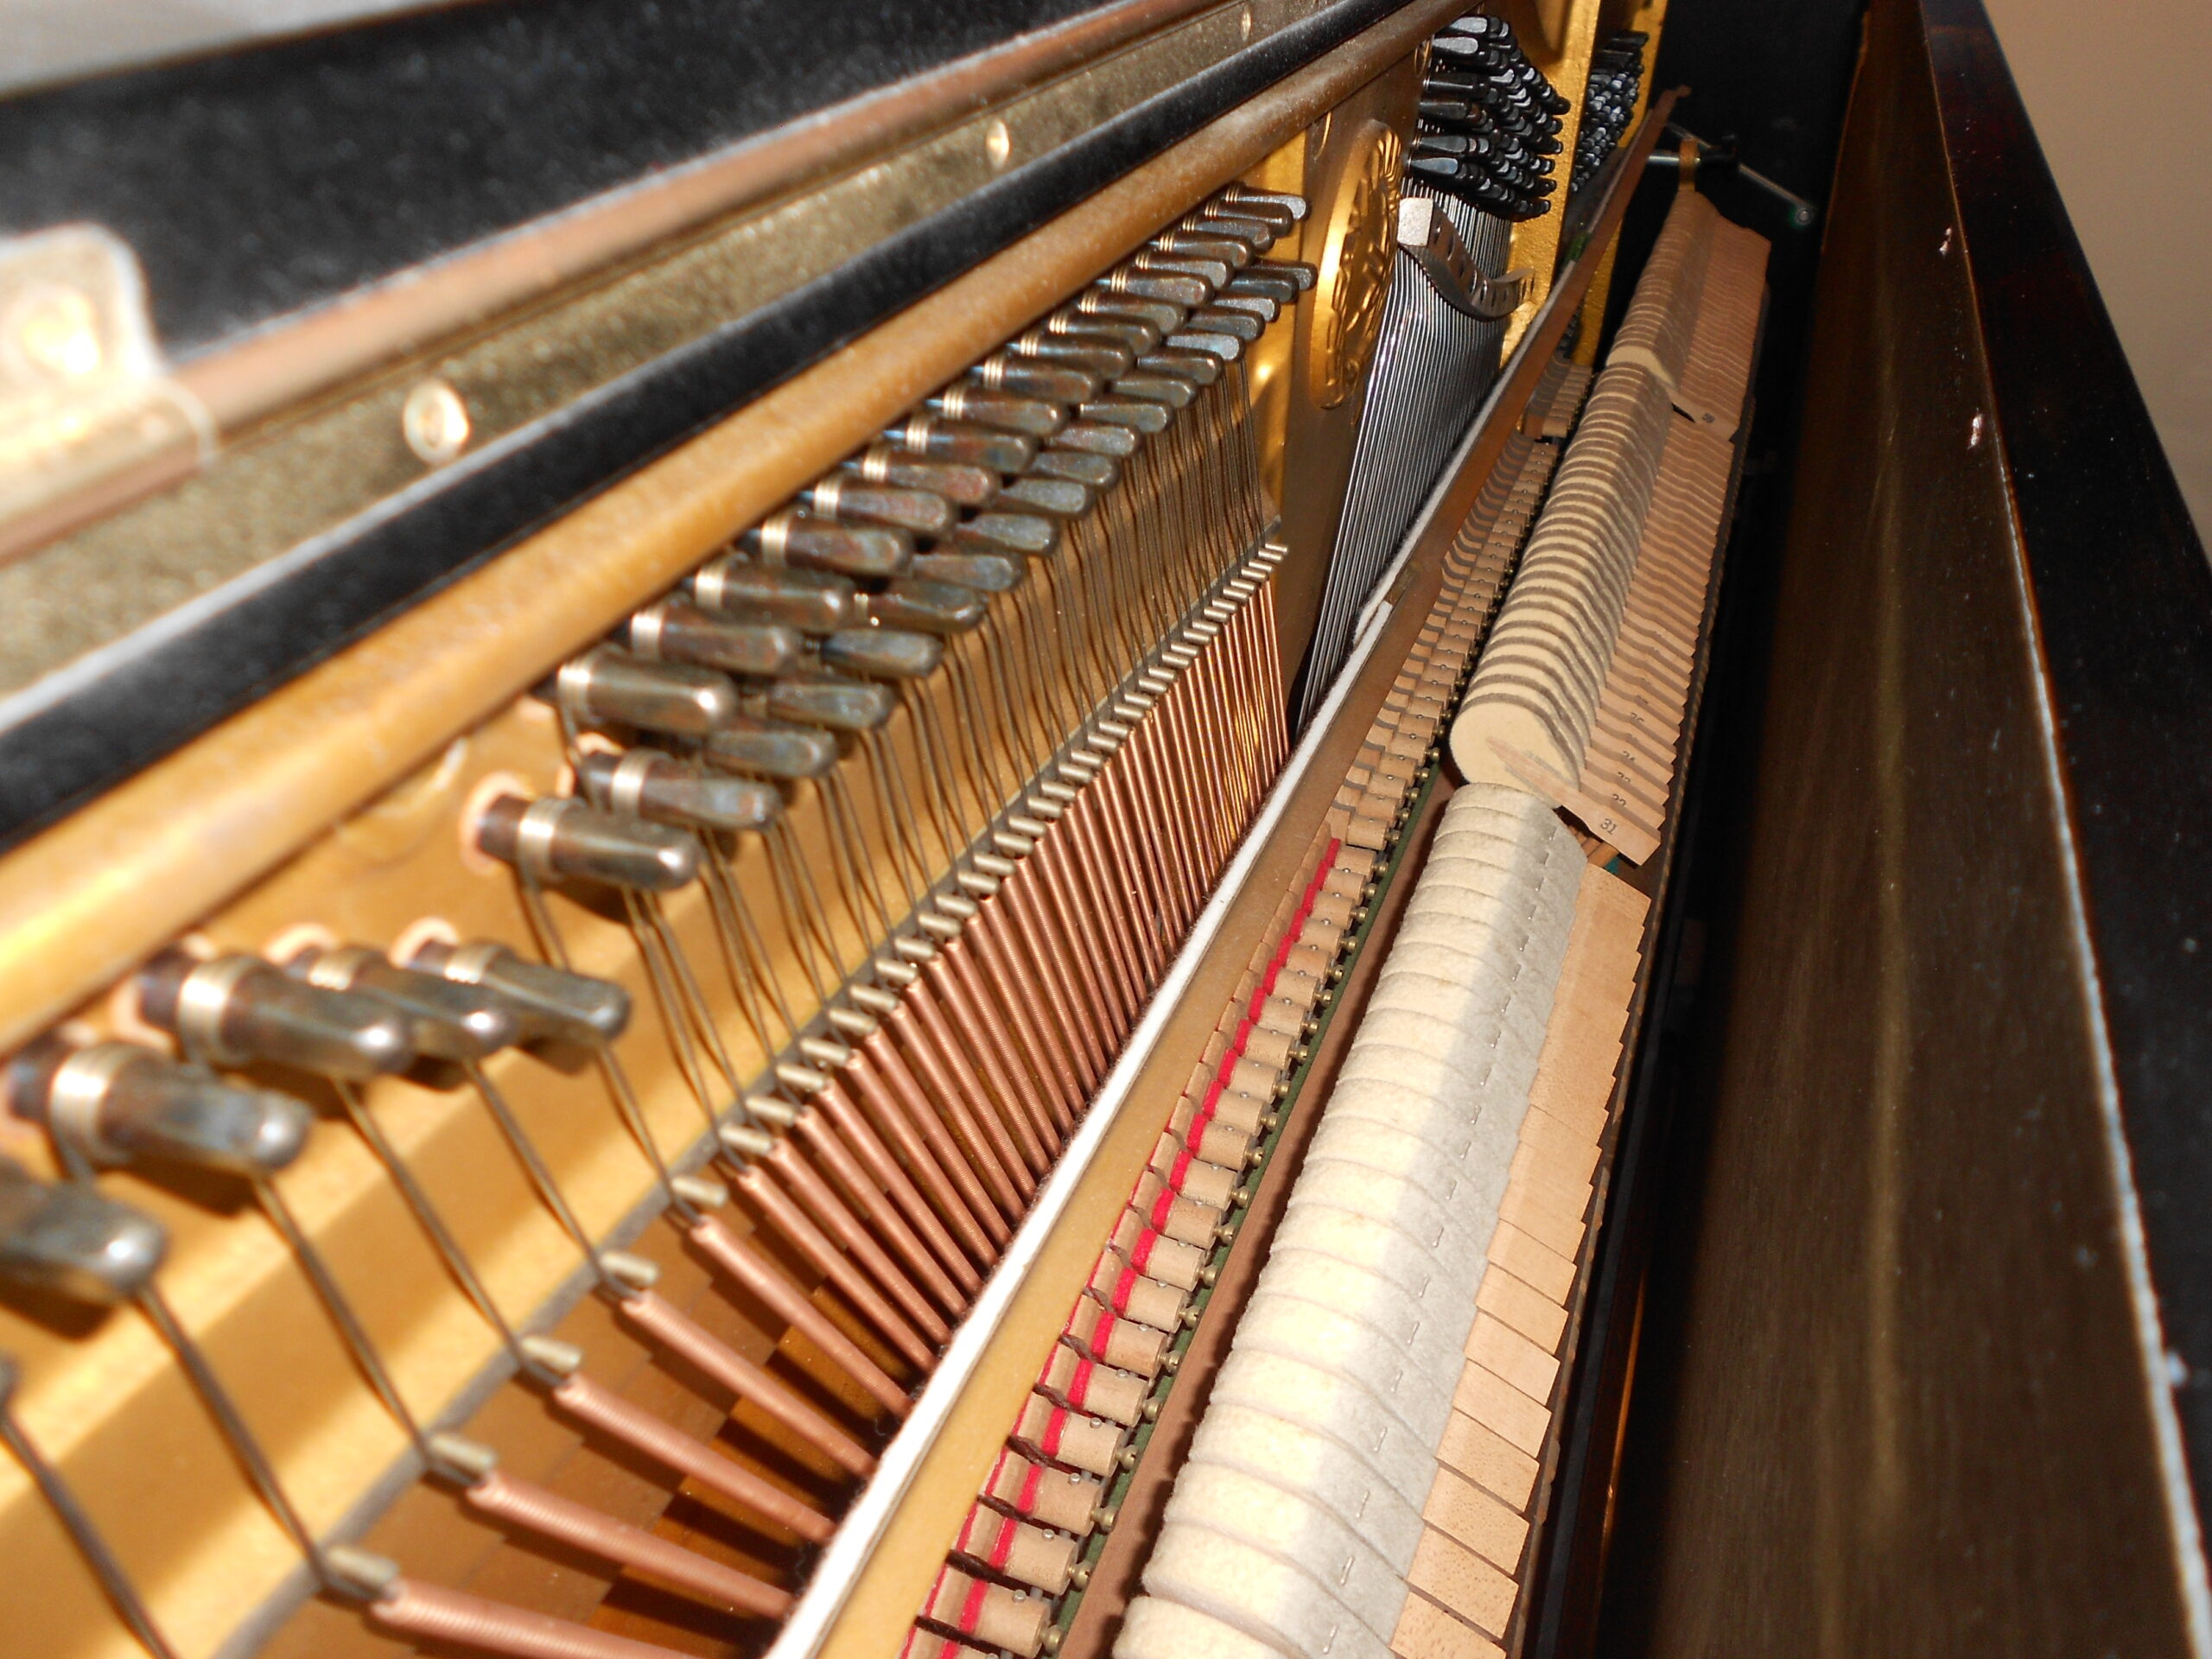 Yamaha U2 Upright Piano Amadeus